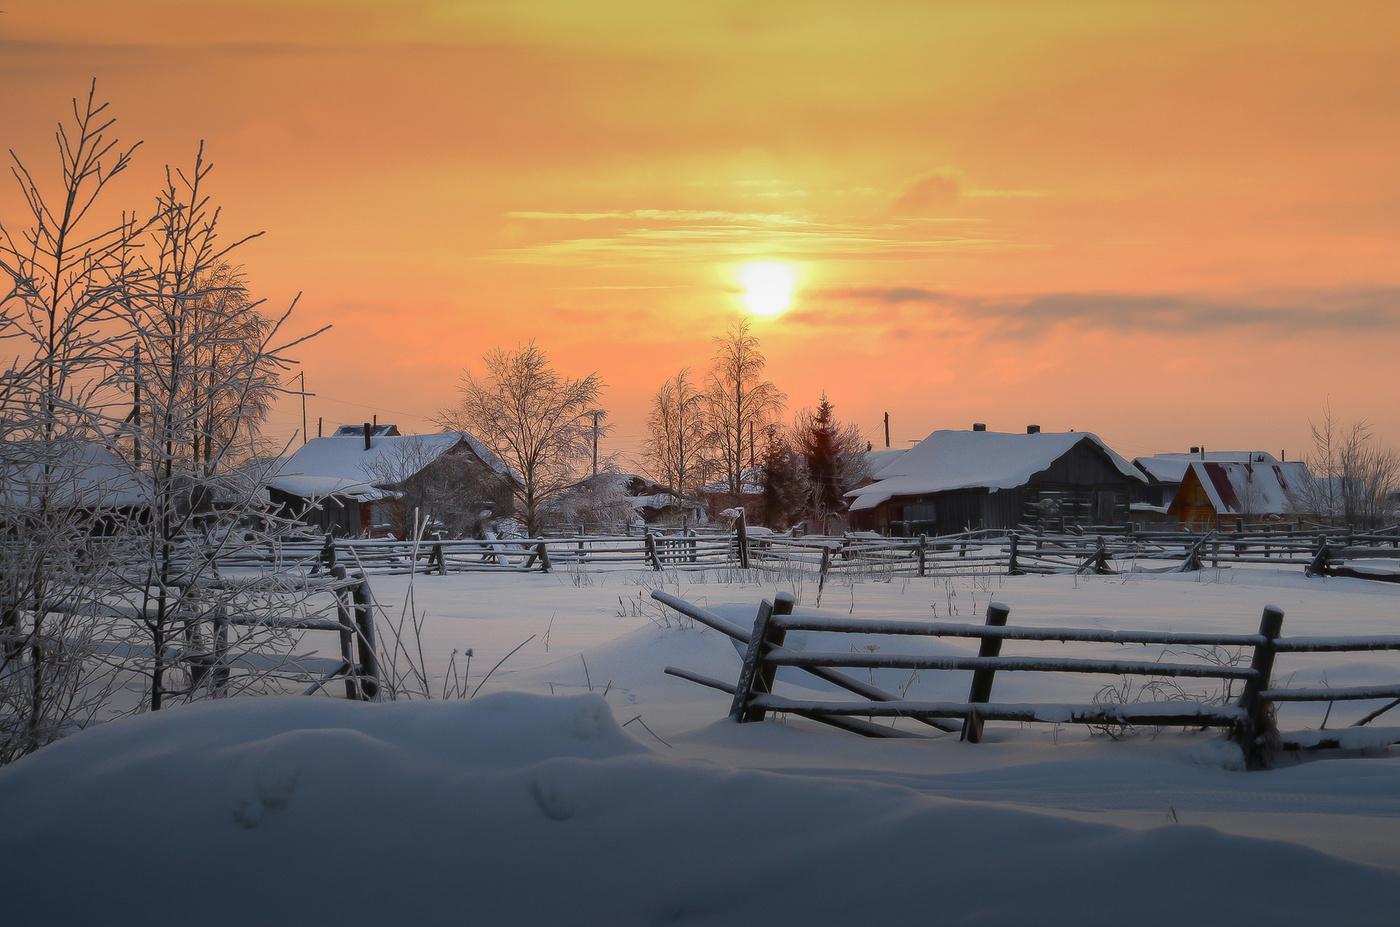 Зимняя деревня картинки, картинки ложками поздравление